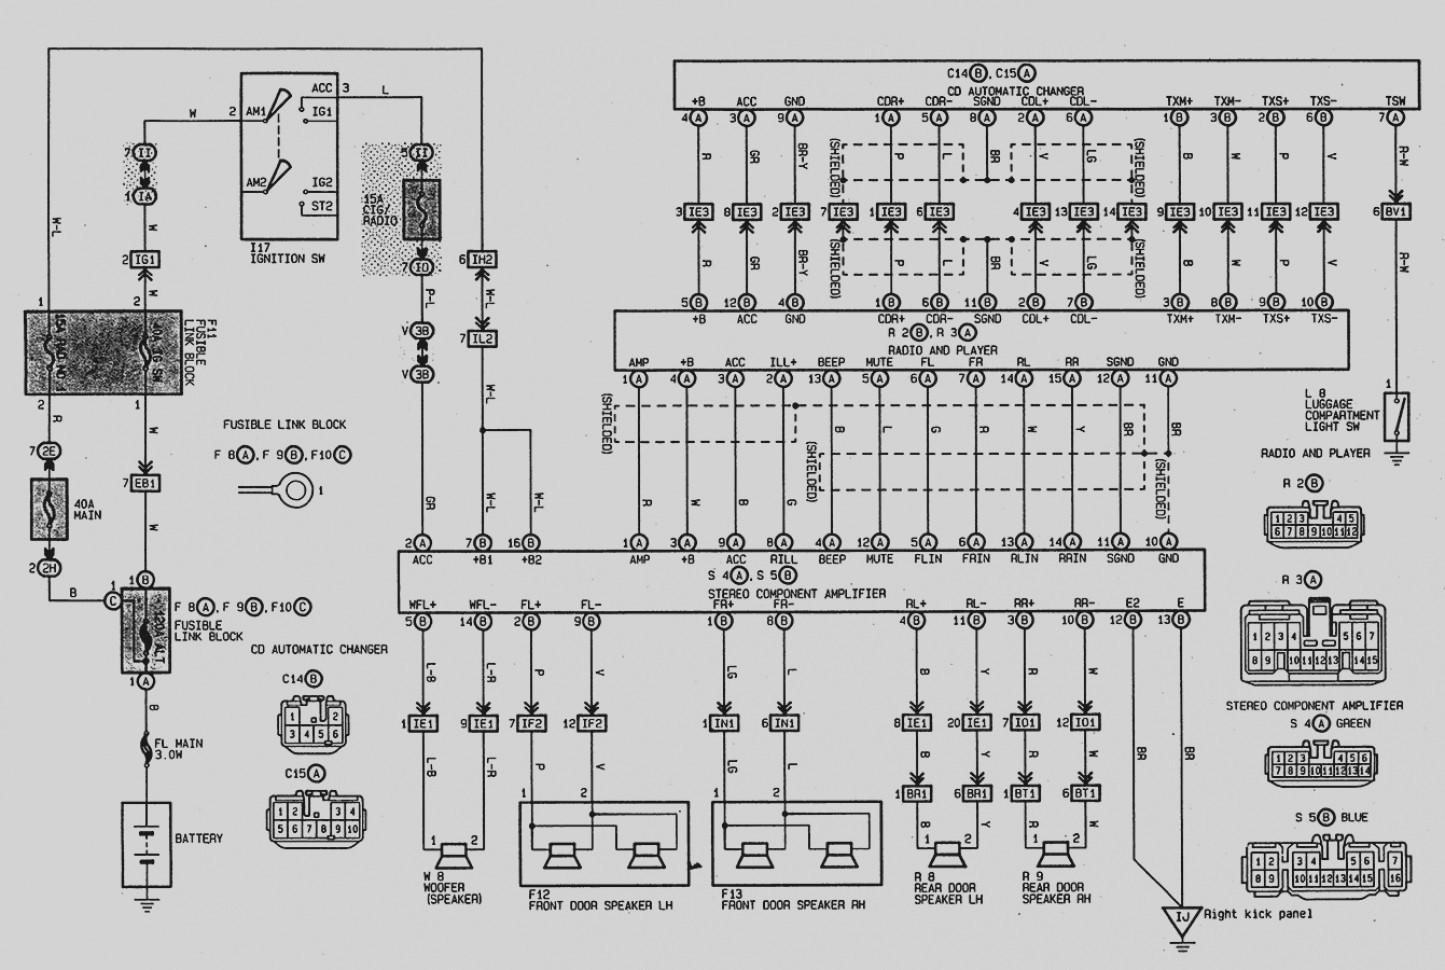 2001 Toyota Avalon Wiring Diagram - Wiring Diagram For Dimmer for Wiring  Diagram SchematicsWiring Diagram Schematics